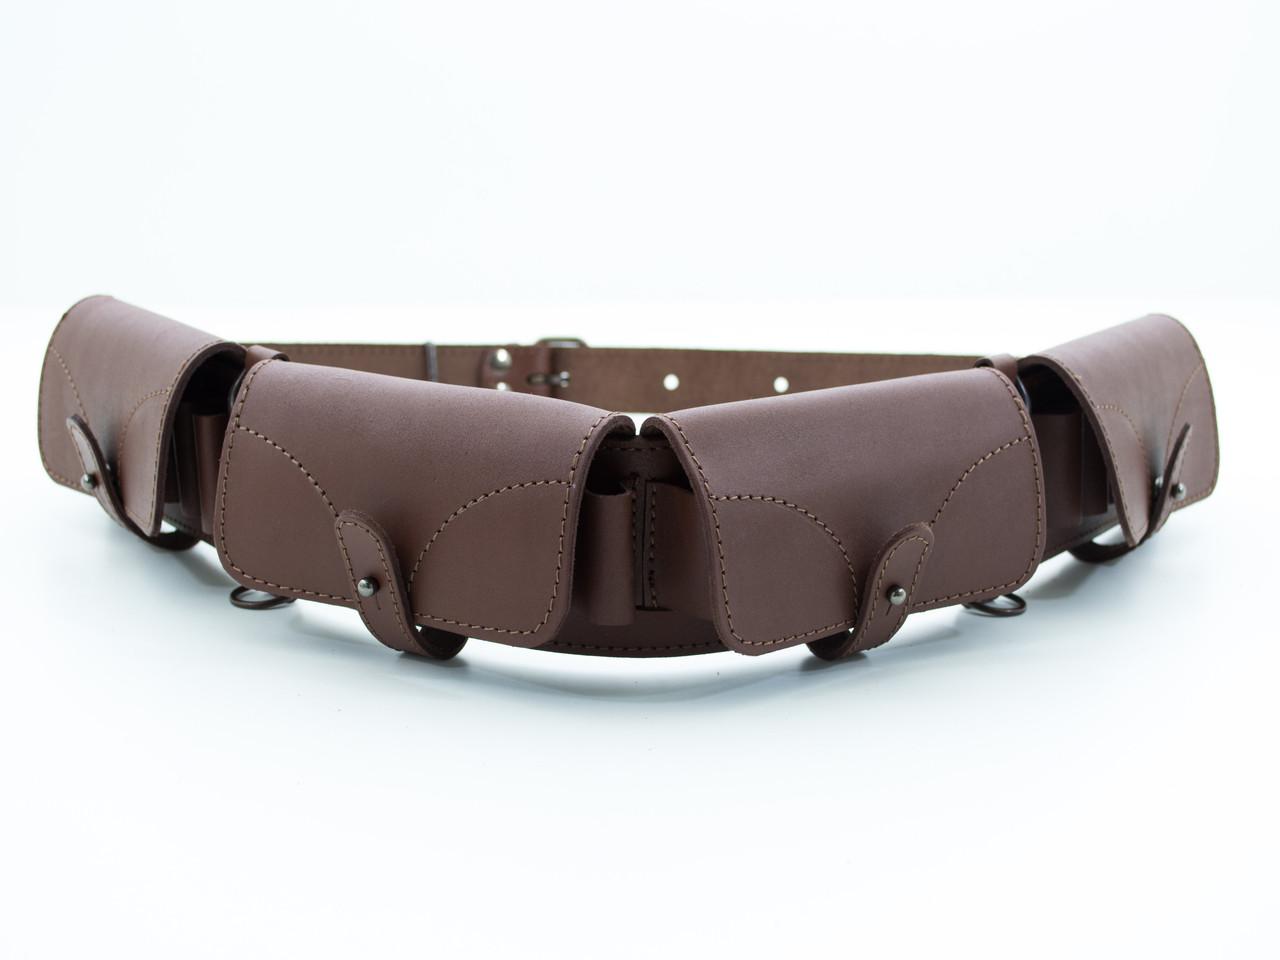 Патронташ на пояс на 24 патрона закрытый кожа-спилок коричневый 5101/2